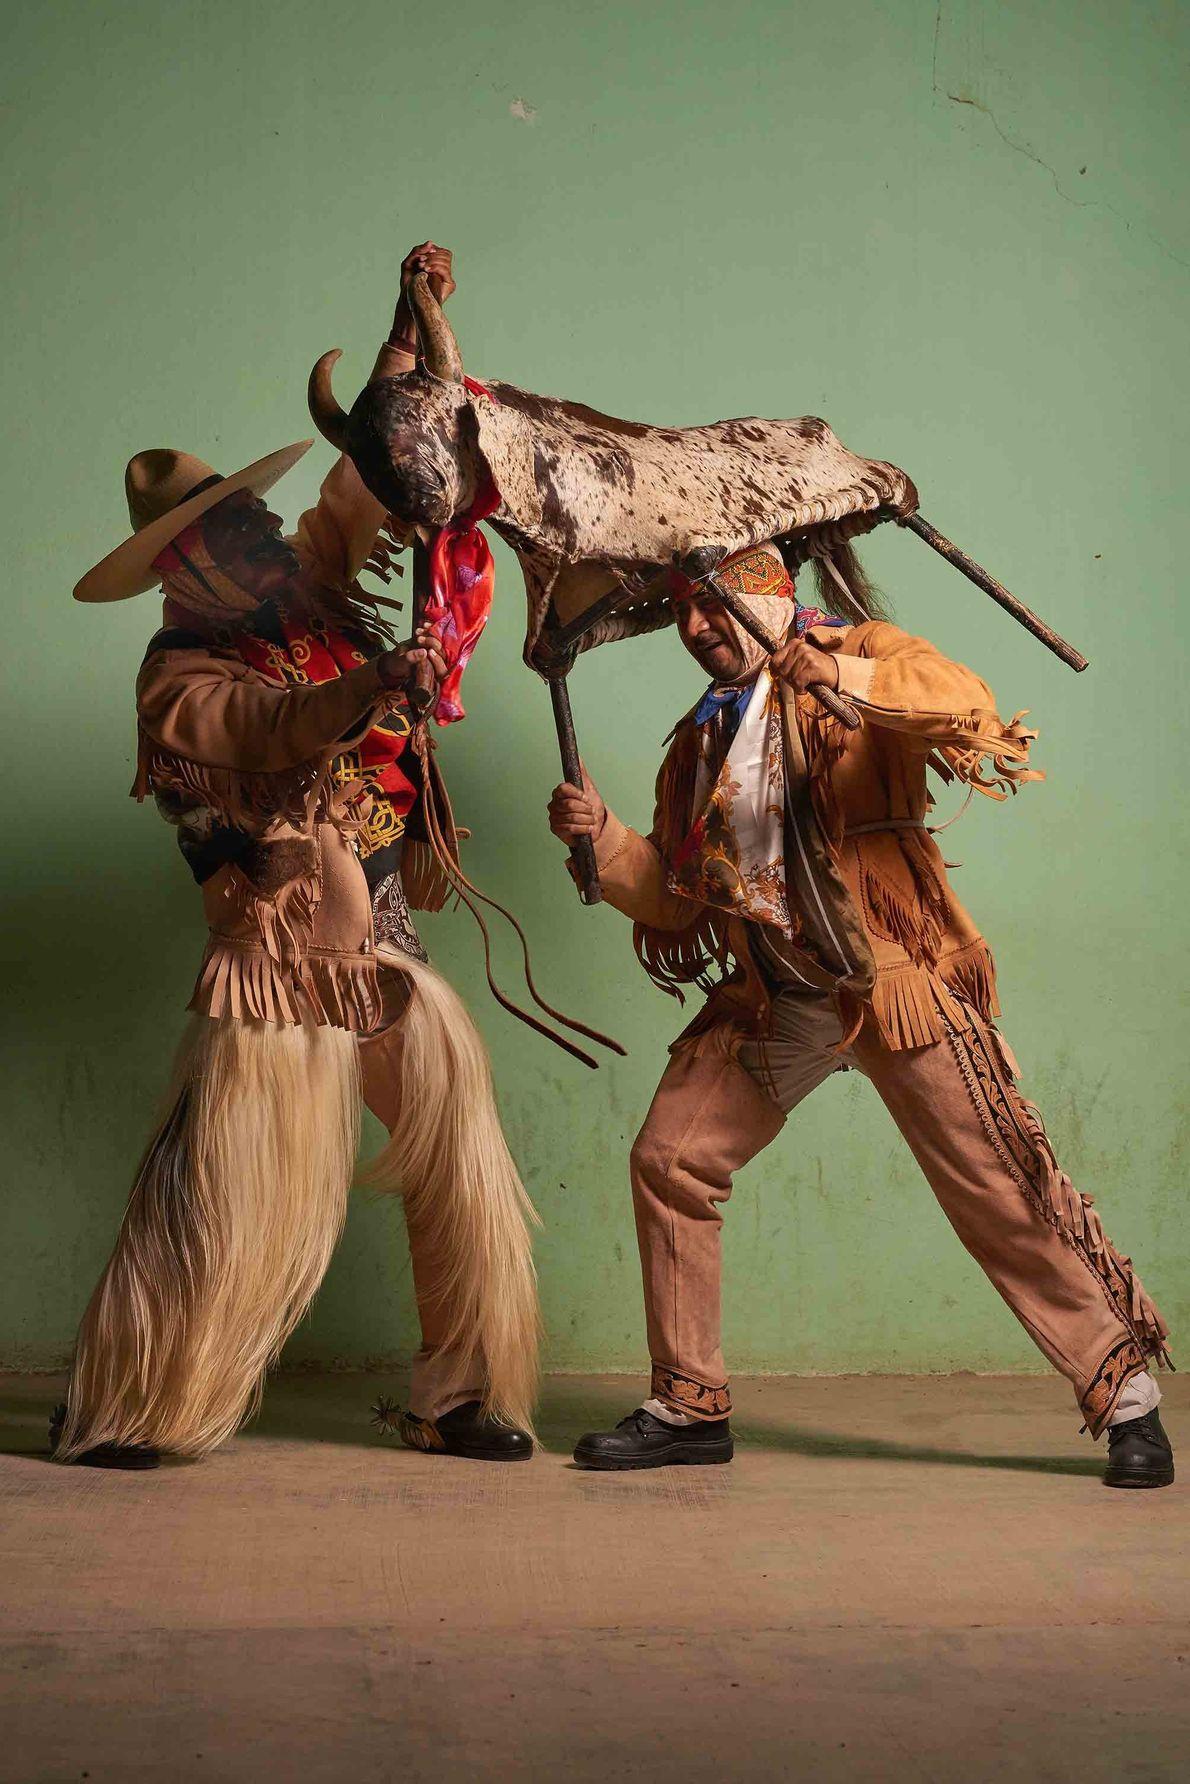 Es gibt einen Tanz, der zu Ehren der Männer und Frauen auf den Feldern aufgeführt wird, ...